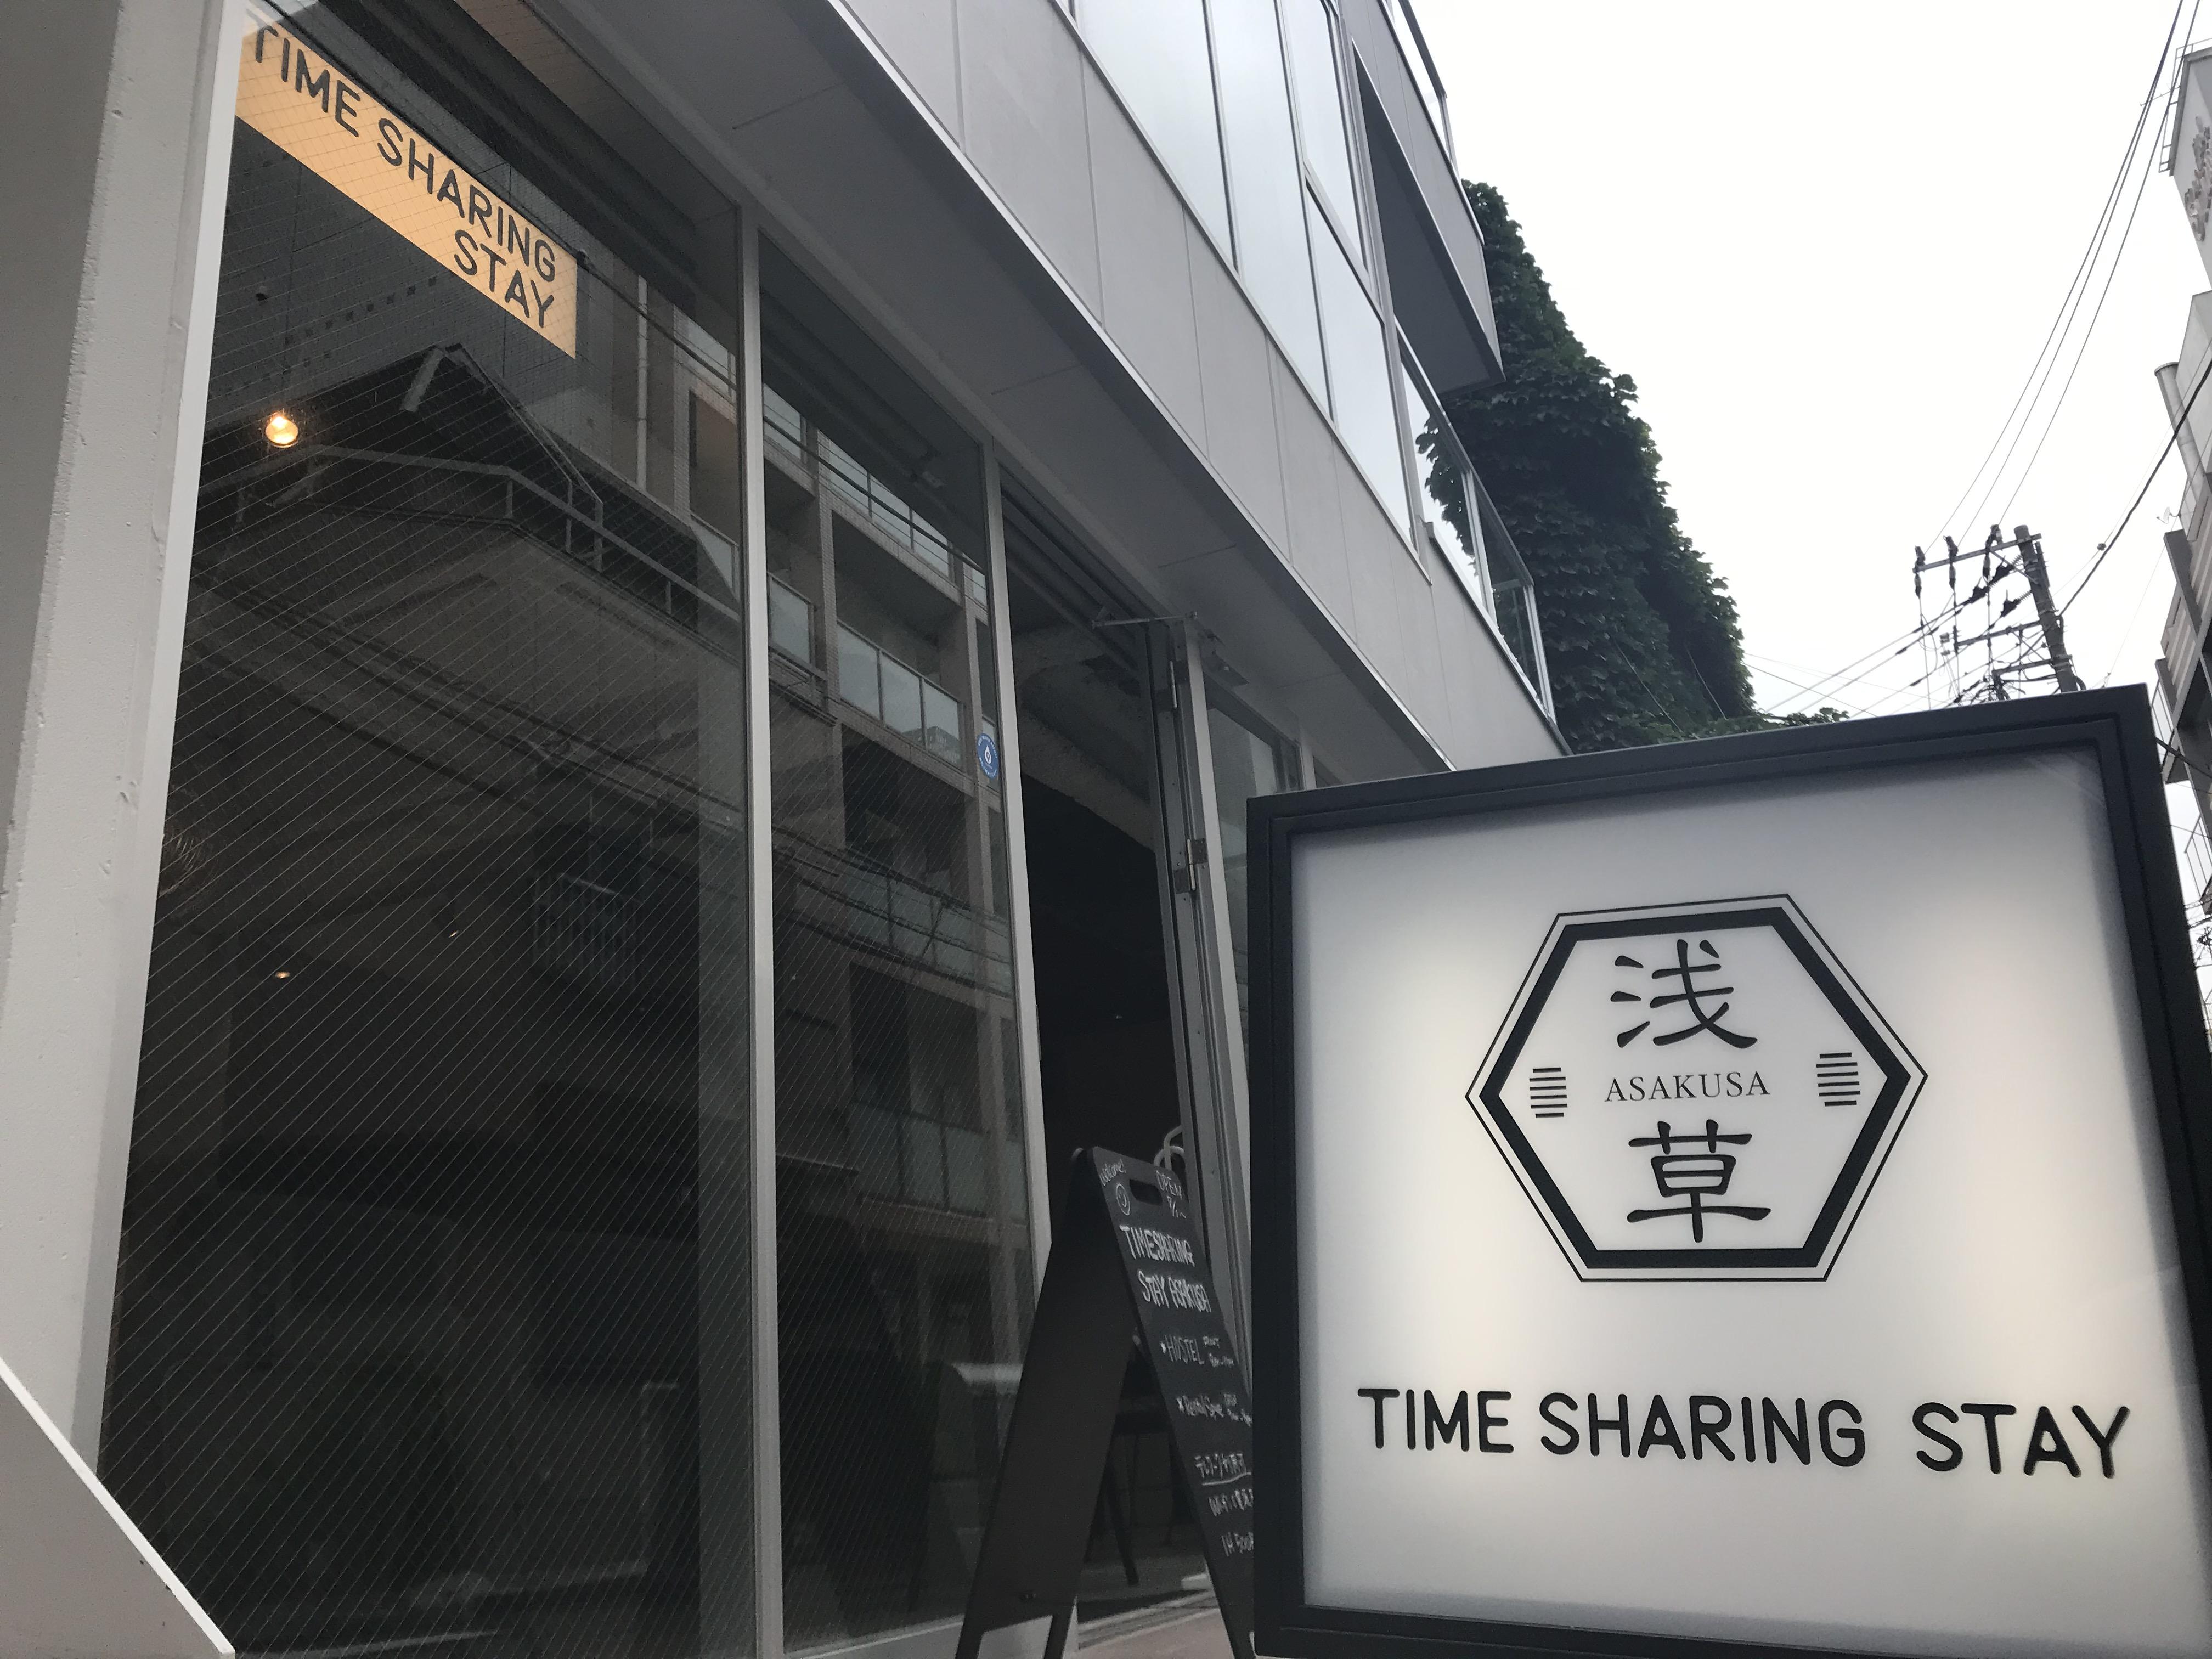 在宅に飽きた人必見!浅草のおしゃれホステルでテレワーク|TIME SHARING|タイムシェアリング |スペースマネジメント|あどばる|adval|SHARING